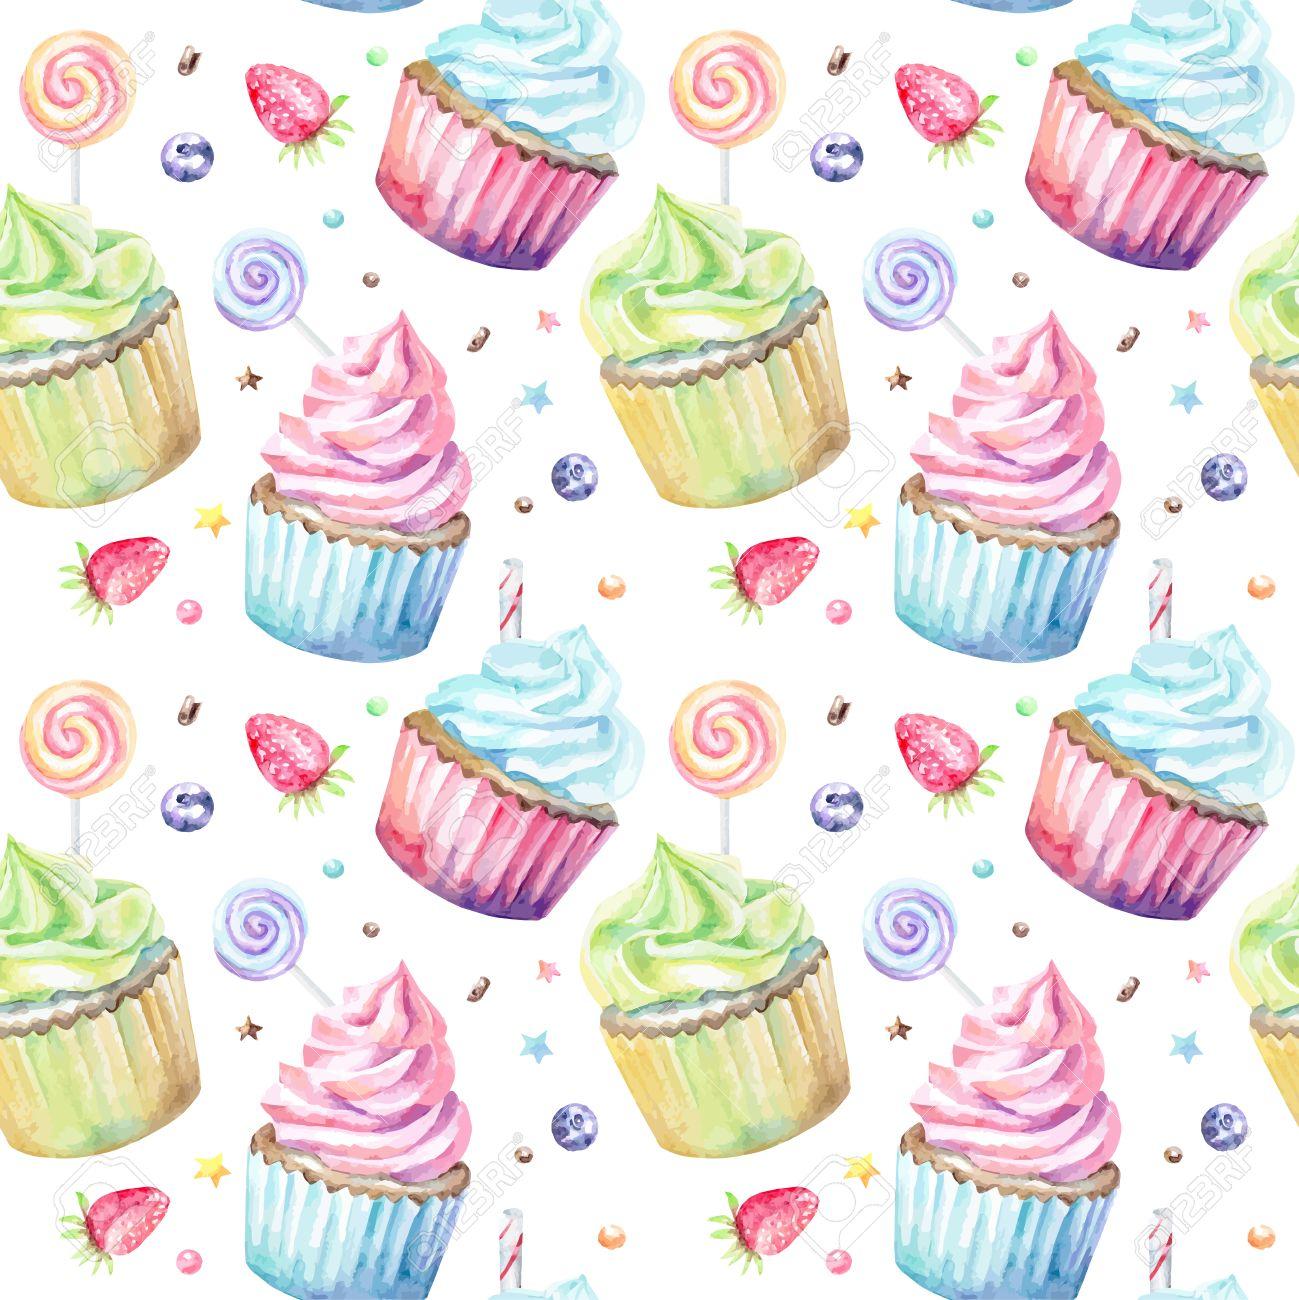 se leckere aquarell muster mit kleinen kuchen von hand gezeichnet hintergrund vektor illustration - Kuchen Muster